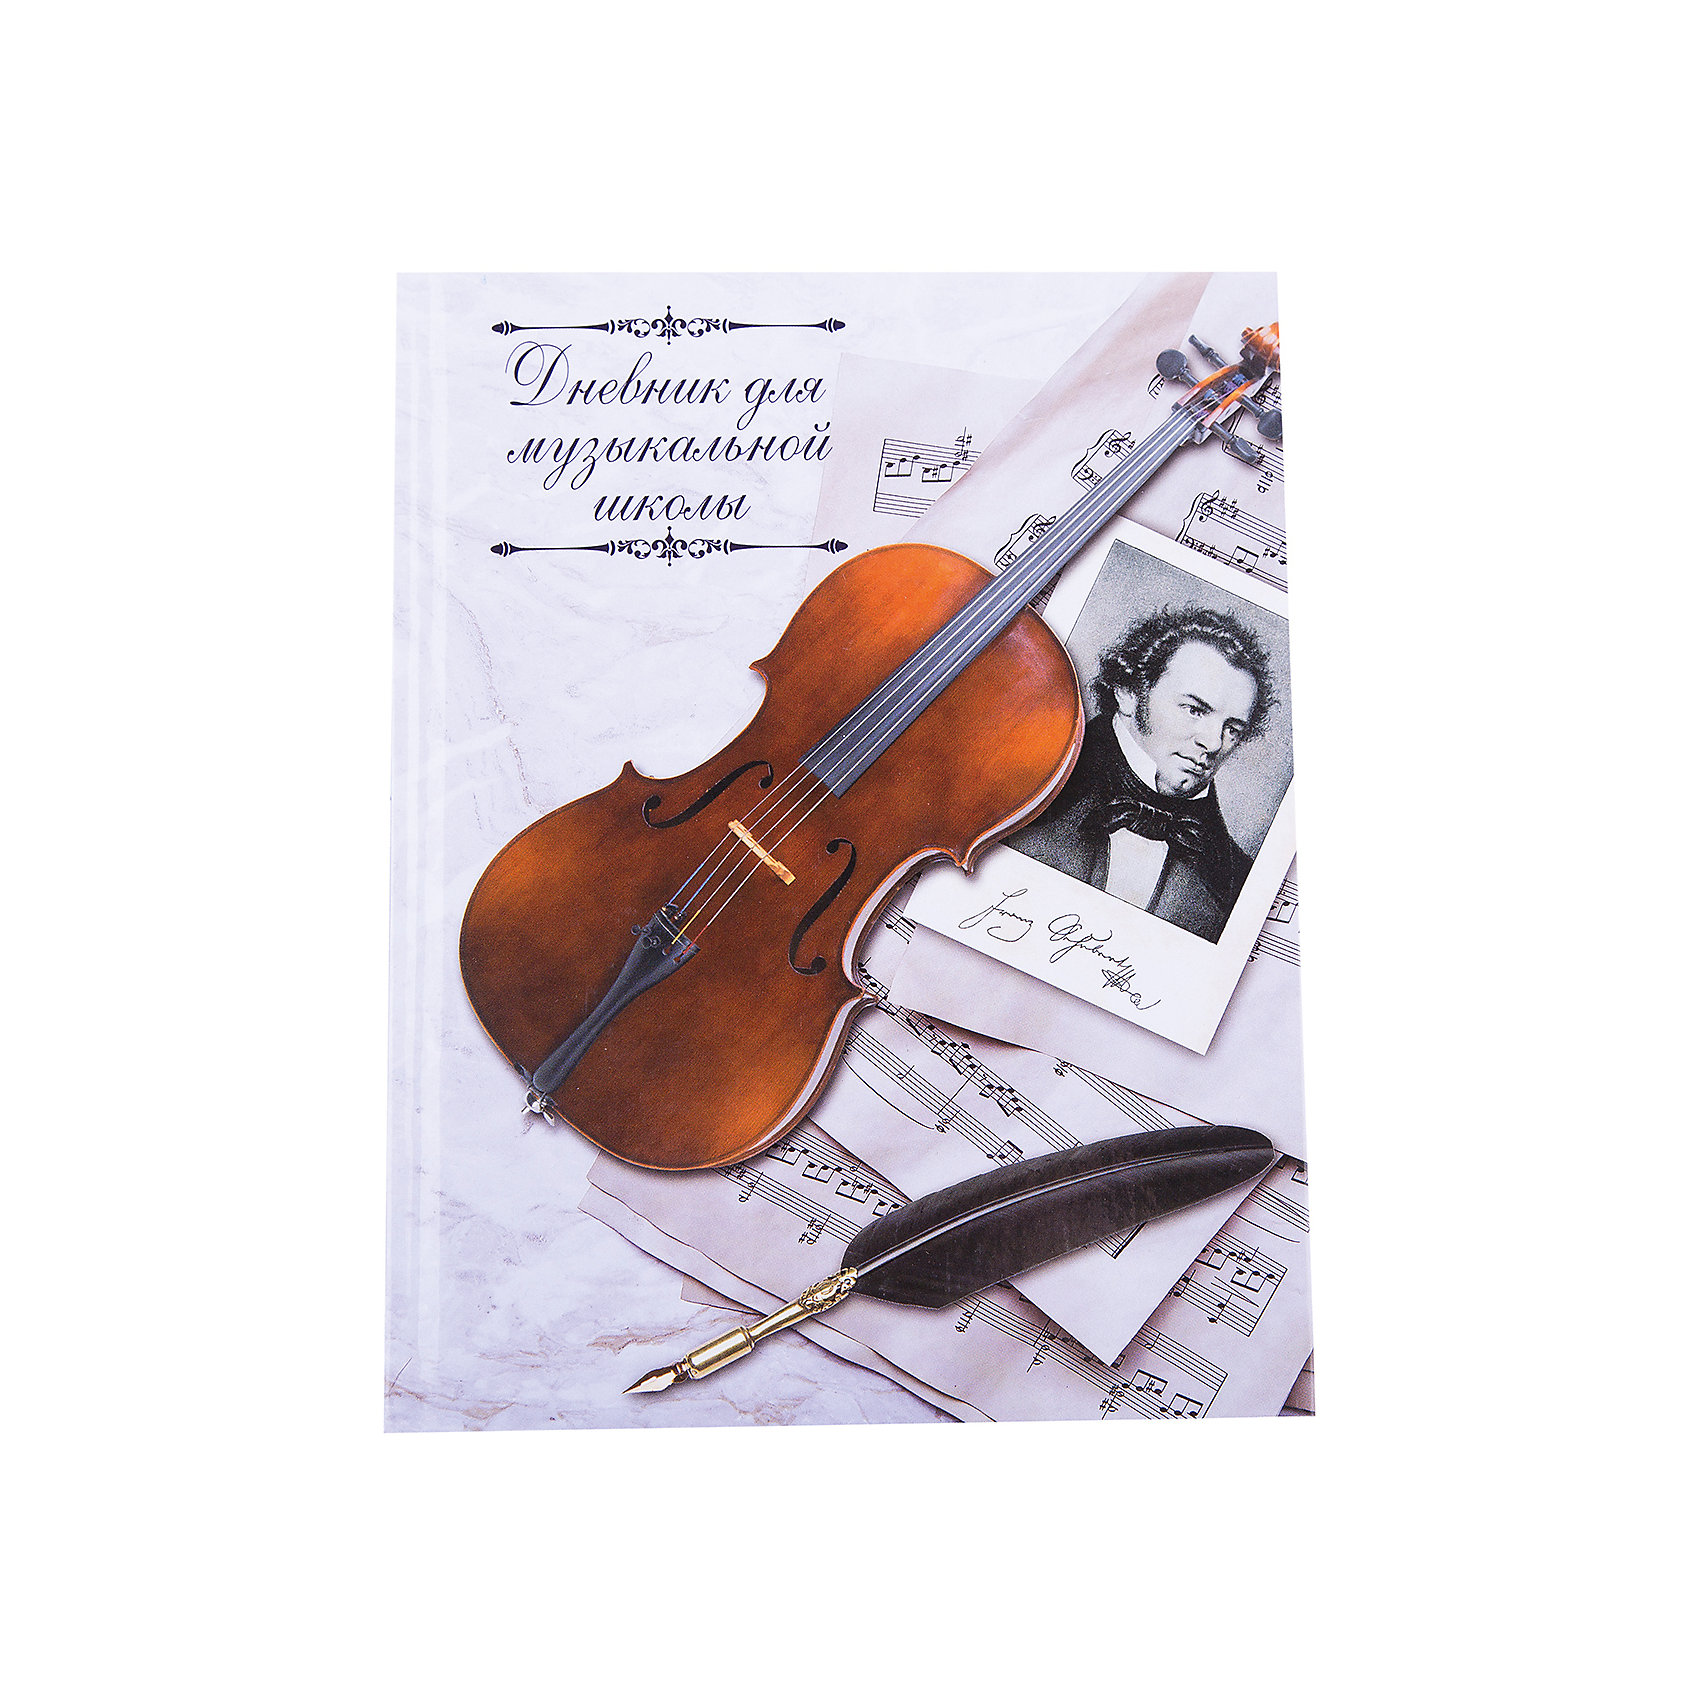 Дневник для музыкальной школы Скрипка и перо, А5Занятия ребенка музыкой всегда требуют приобретения специализированных атрибутов. Так пусть они будут стильными и качественными! Ведь с ними учиться - намного приятней.<br>Дневник для музыкальной школы Скрипка и перо - стандартного формата А5, в нем - 48 л. Обложка - из плотного картона с красивым рисунком. Листы скреплены книжным креплением, это очень удобно и прочно. Дневник содержит полезный информационный блок. Изделие произведено из качественных и безопасных для ребенка материалов.<br><br>Дополнительная информация:<br><br>цвет: разноцветный;<br>формат: А5;<br>48 листов;<br>обложка: картон;<br>крепление: книжной;<br>есть информационный блок.<br><br>Дневник для музыкальной школы Скрипка и перо, А5 можно купить в нашем магазине.<br><br>Ширина мм: 215<br>Глубина мм: 170<br>Высота мм: 10<br>Вес г: 225<br>Возраст от месяцев: 36<br>Возраст до месяцев: 2147483647<br>Пол: Унисекс<br>Возраст: Детский<br>SKU: 4746268